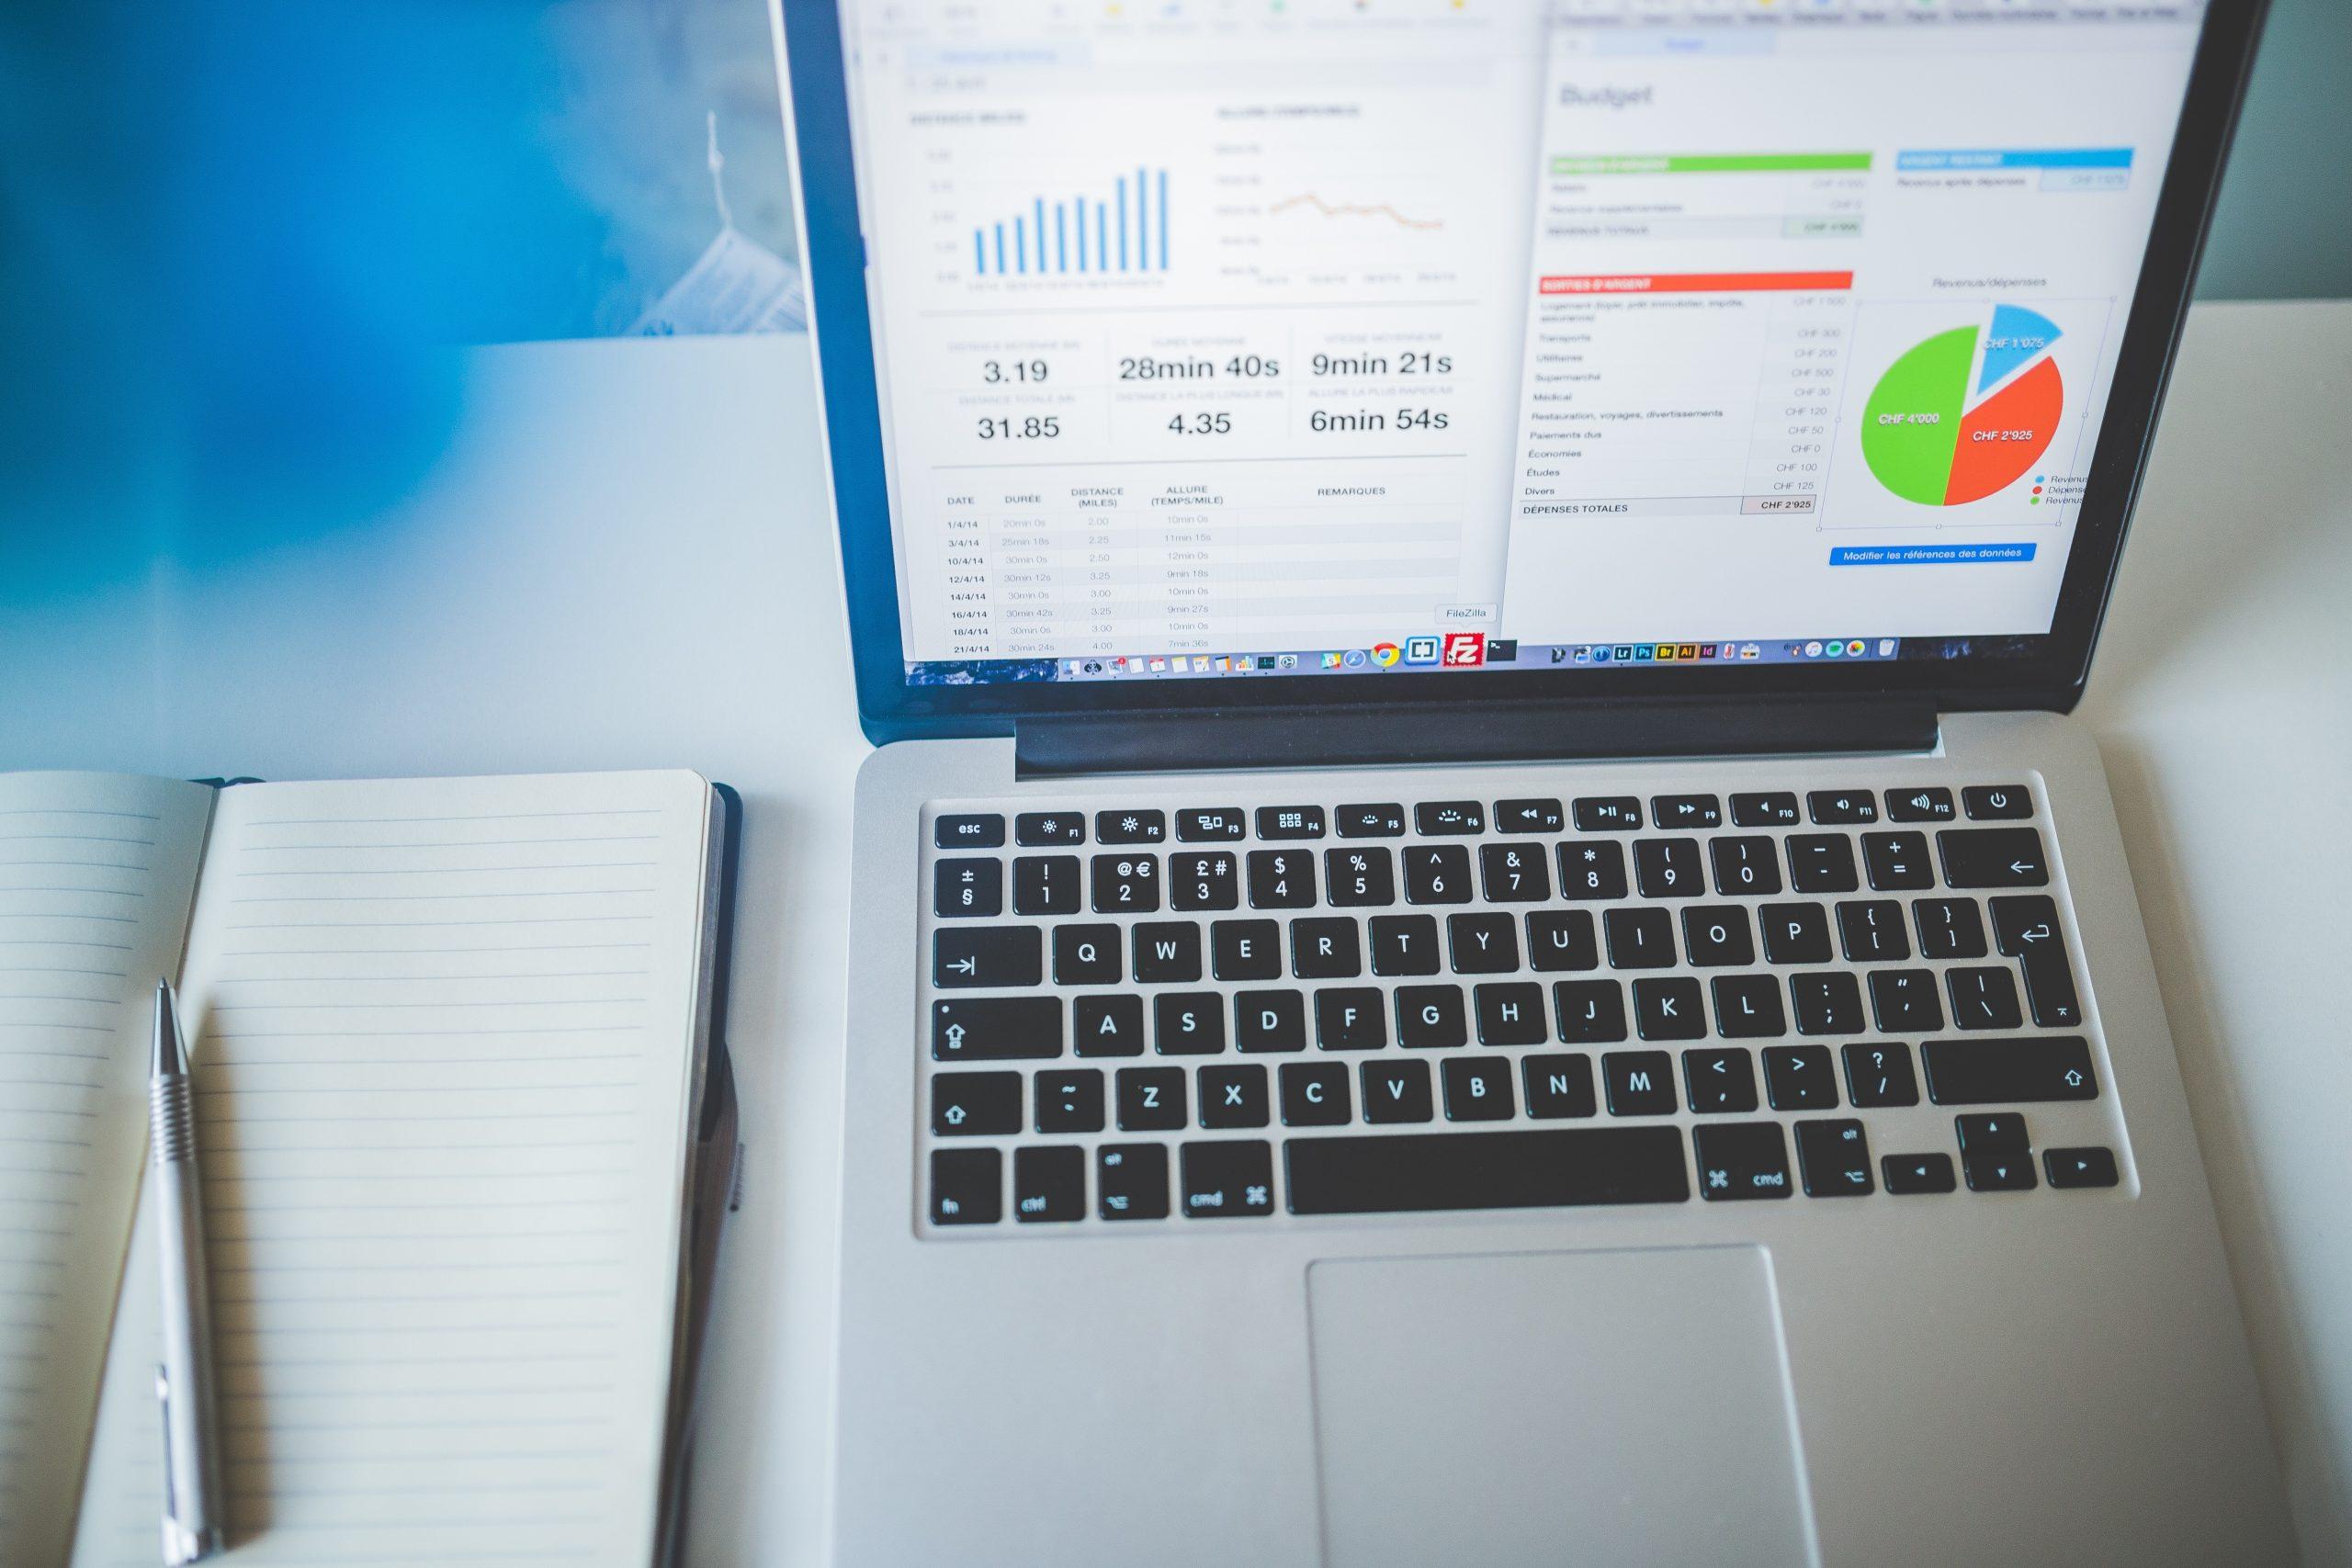 O Inbound Marketing é a junção de diversas estratégias que tem como objetivo atrair e converter clientes. Confira 3 motivos para investir nessa estratégia!